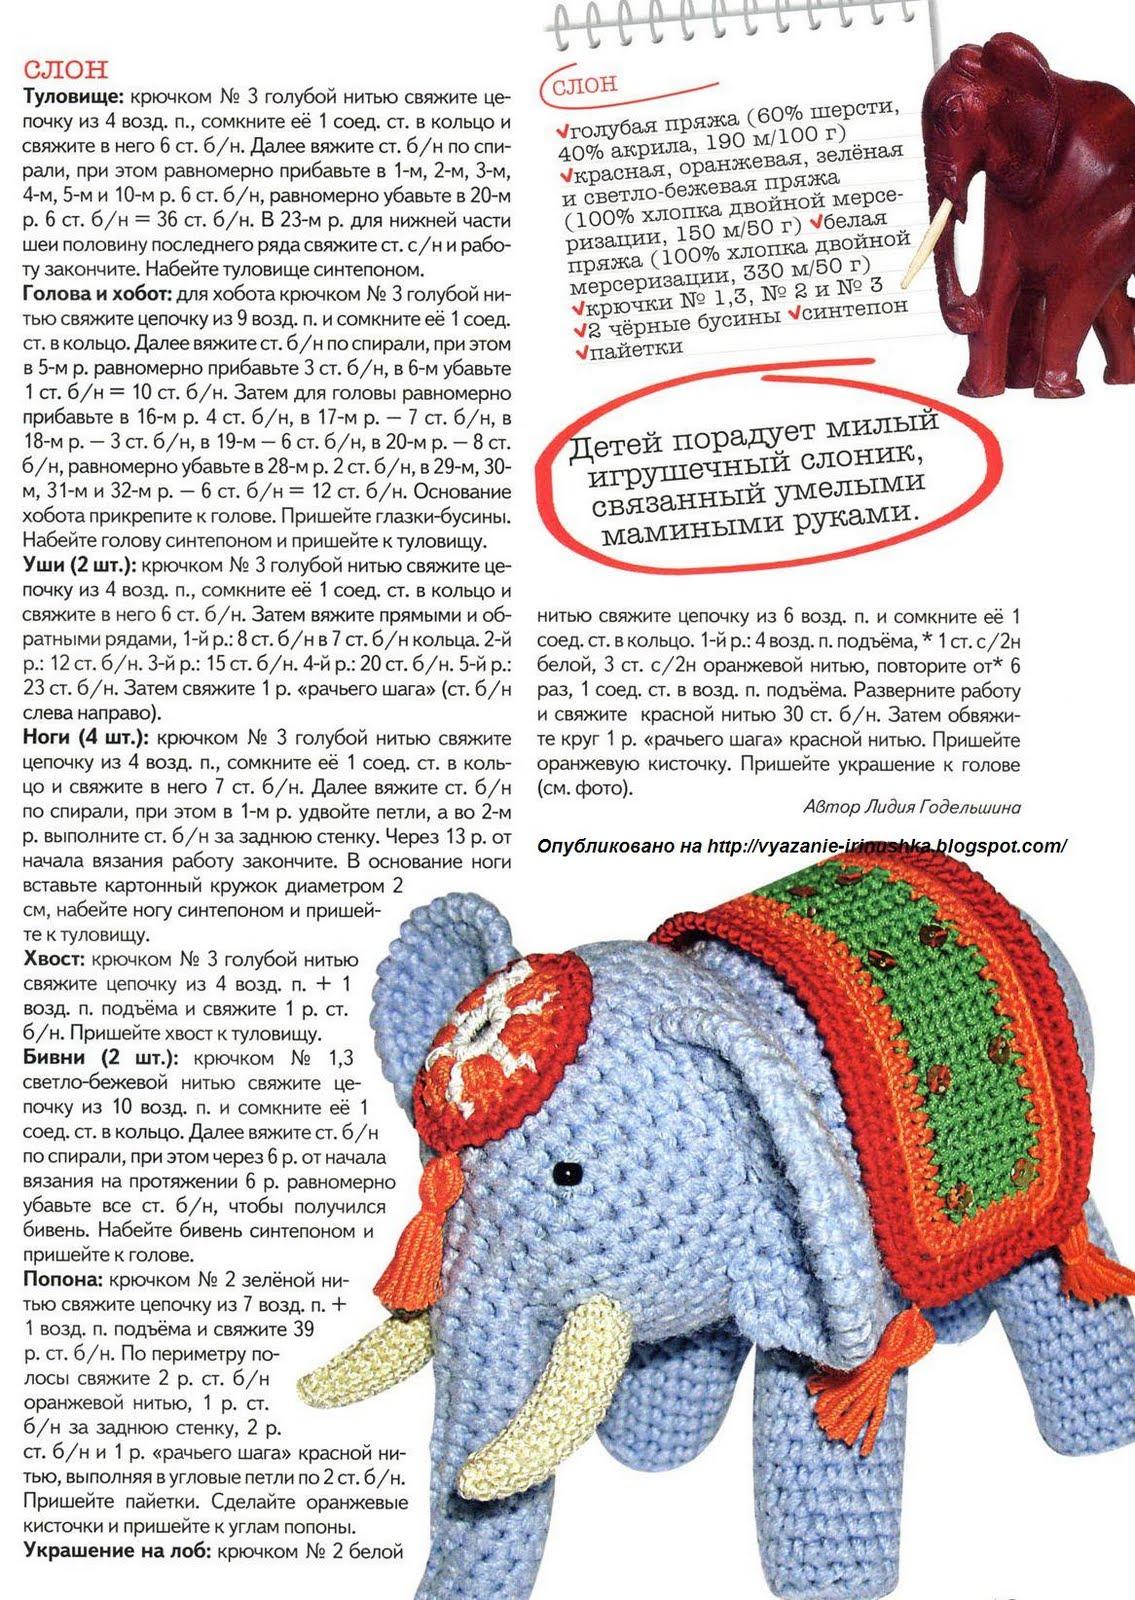 slon-s-poponoi-1